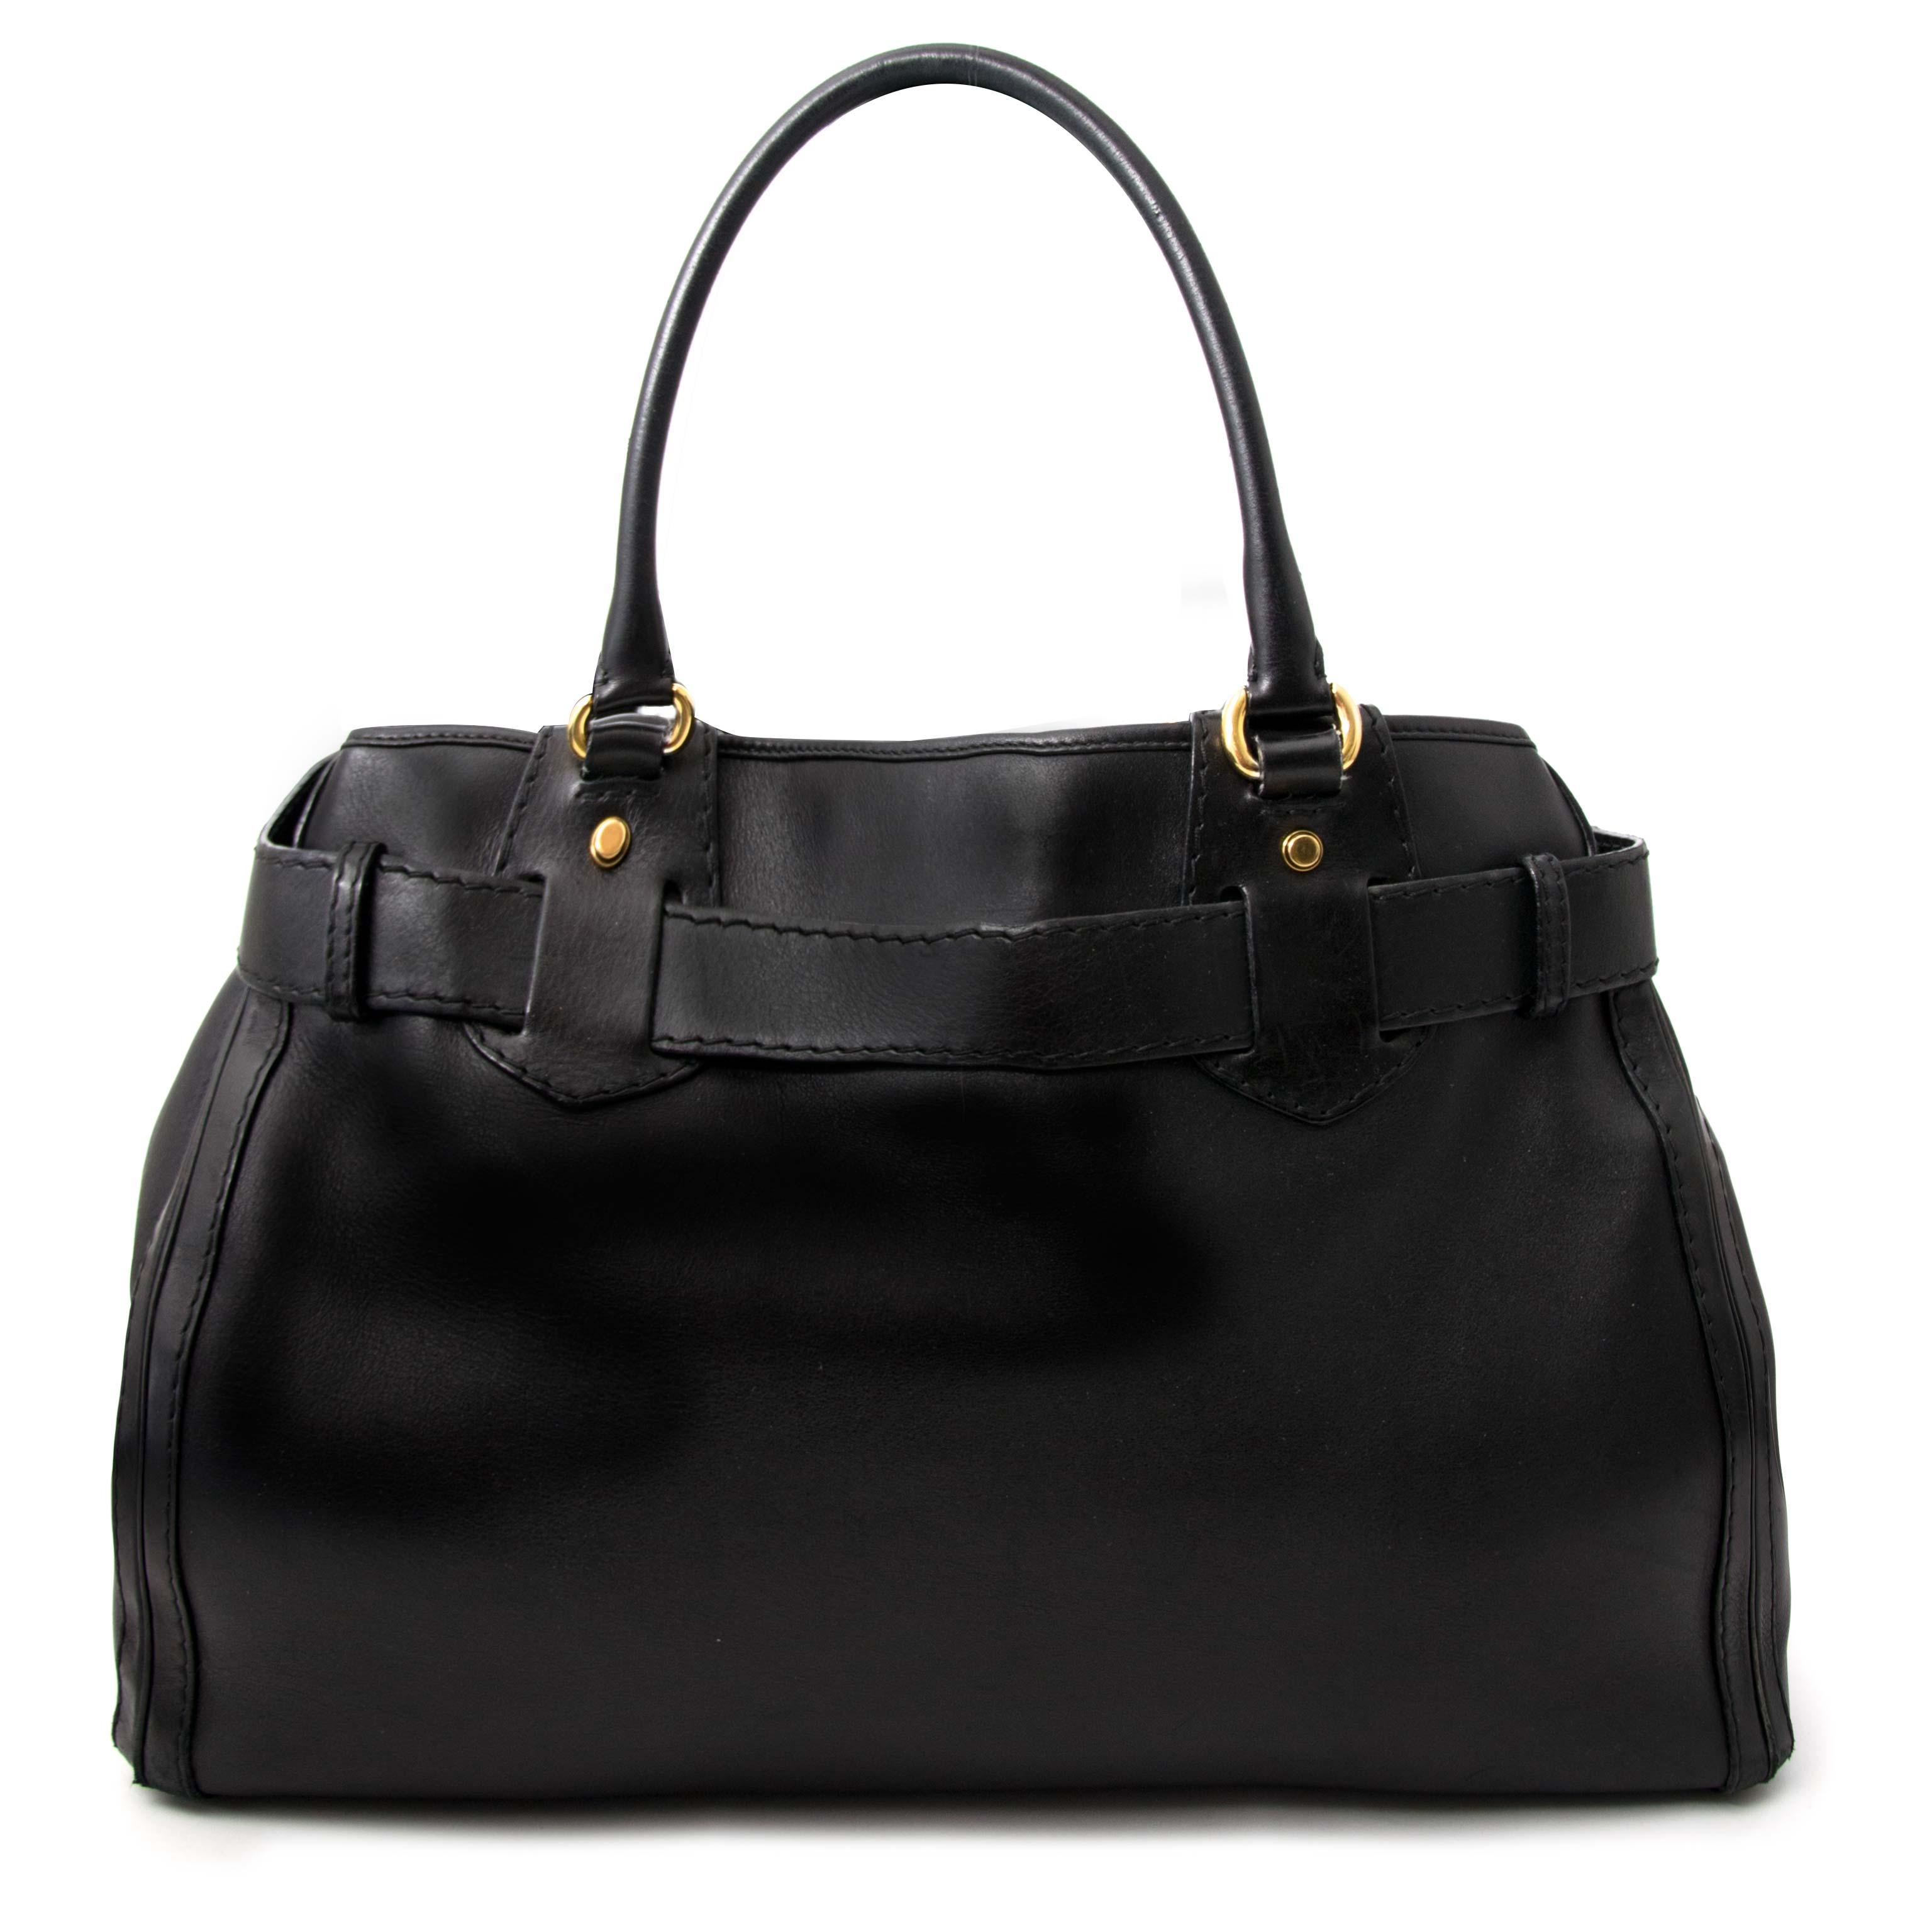 7e1d83d5d2bb Authentic secondhand Gucci back black Labellov Acheter authentique Gucci  sac à main